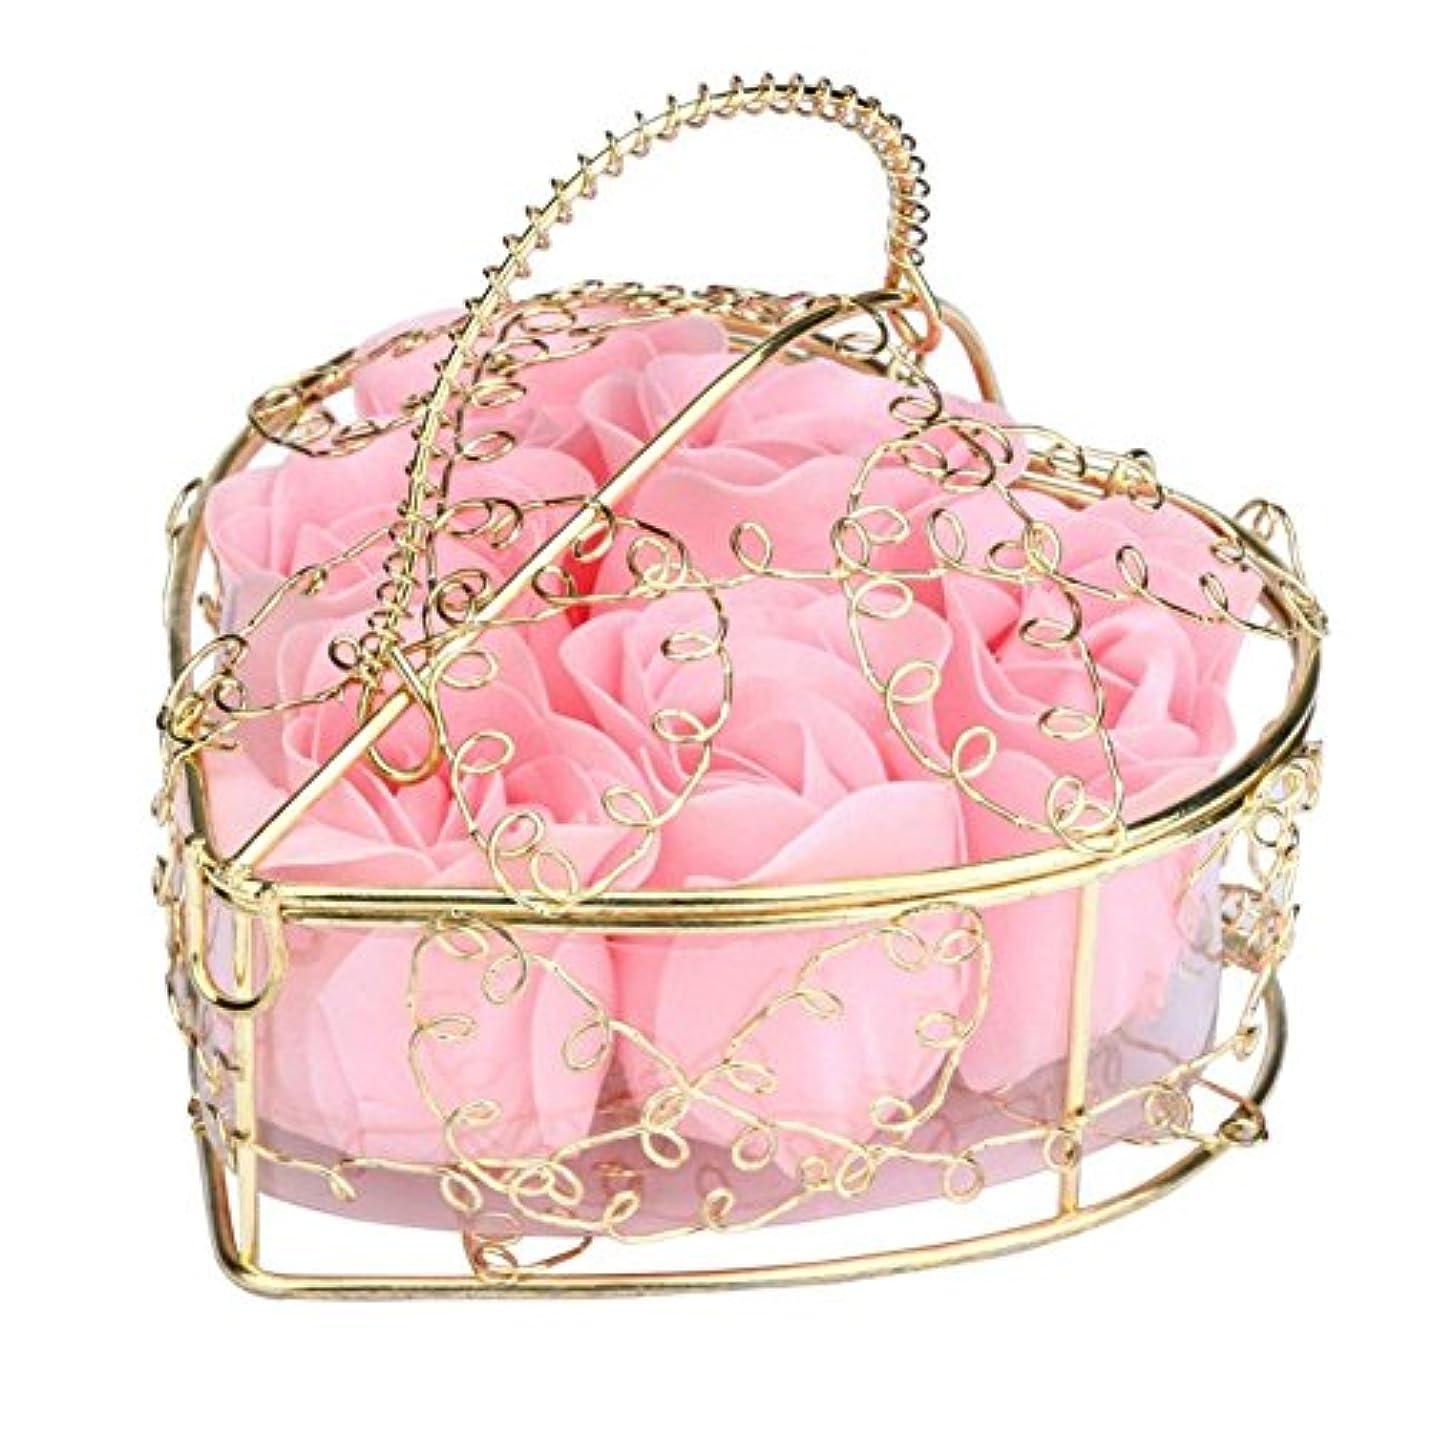 吐き出すリテラシー不定SODIAL 6個の香り付きローズフラワー 花びらバス ボディソープ ウェディングパーティーギフト ホームDIYデコレーション(ピンク)